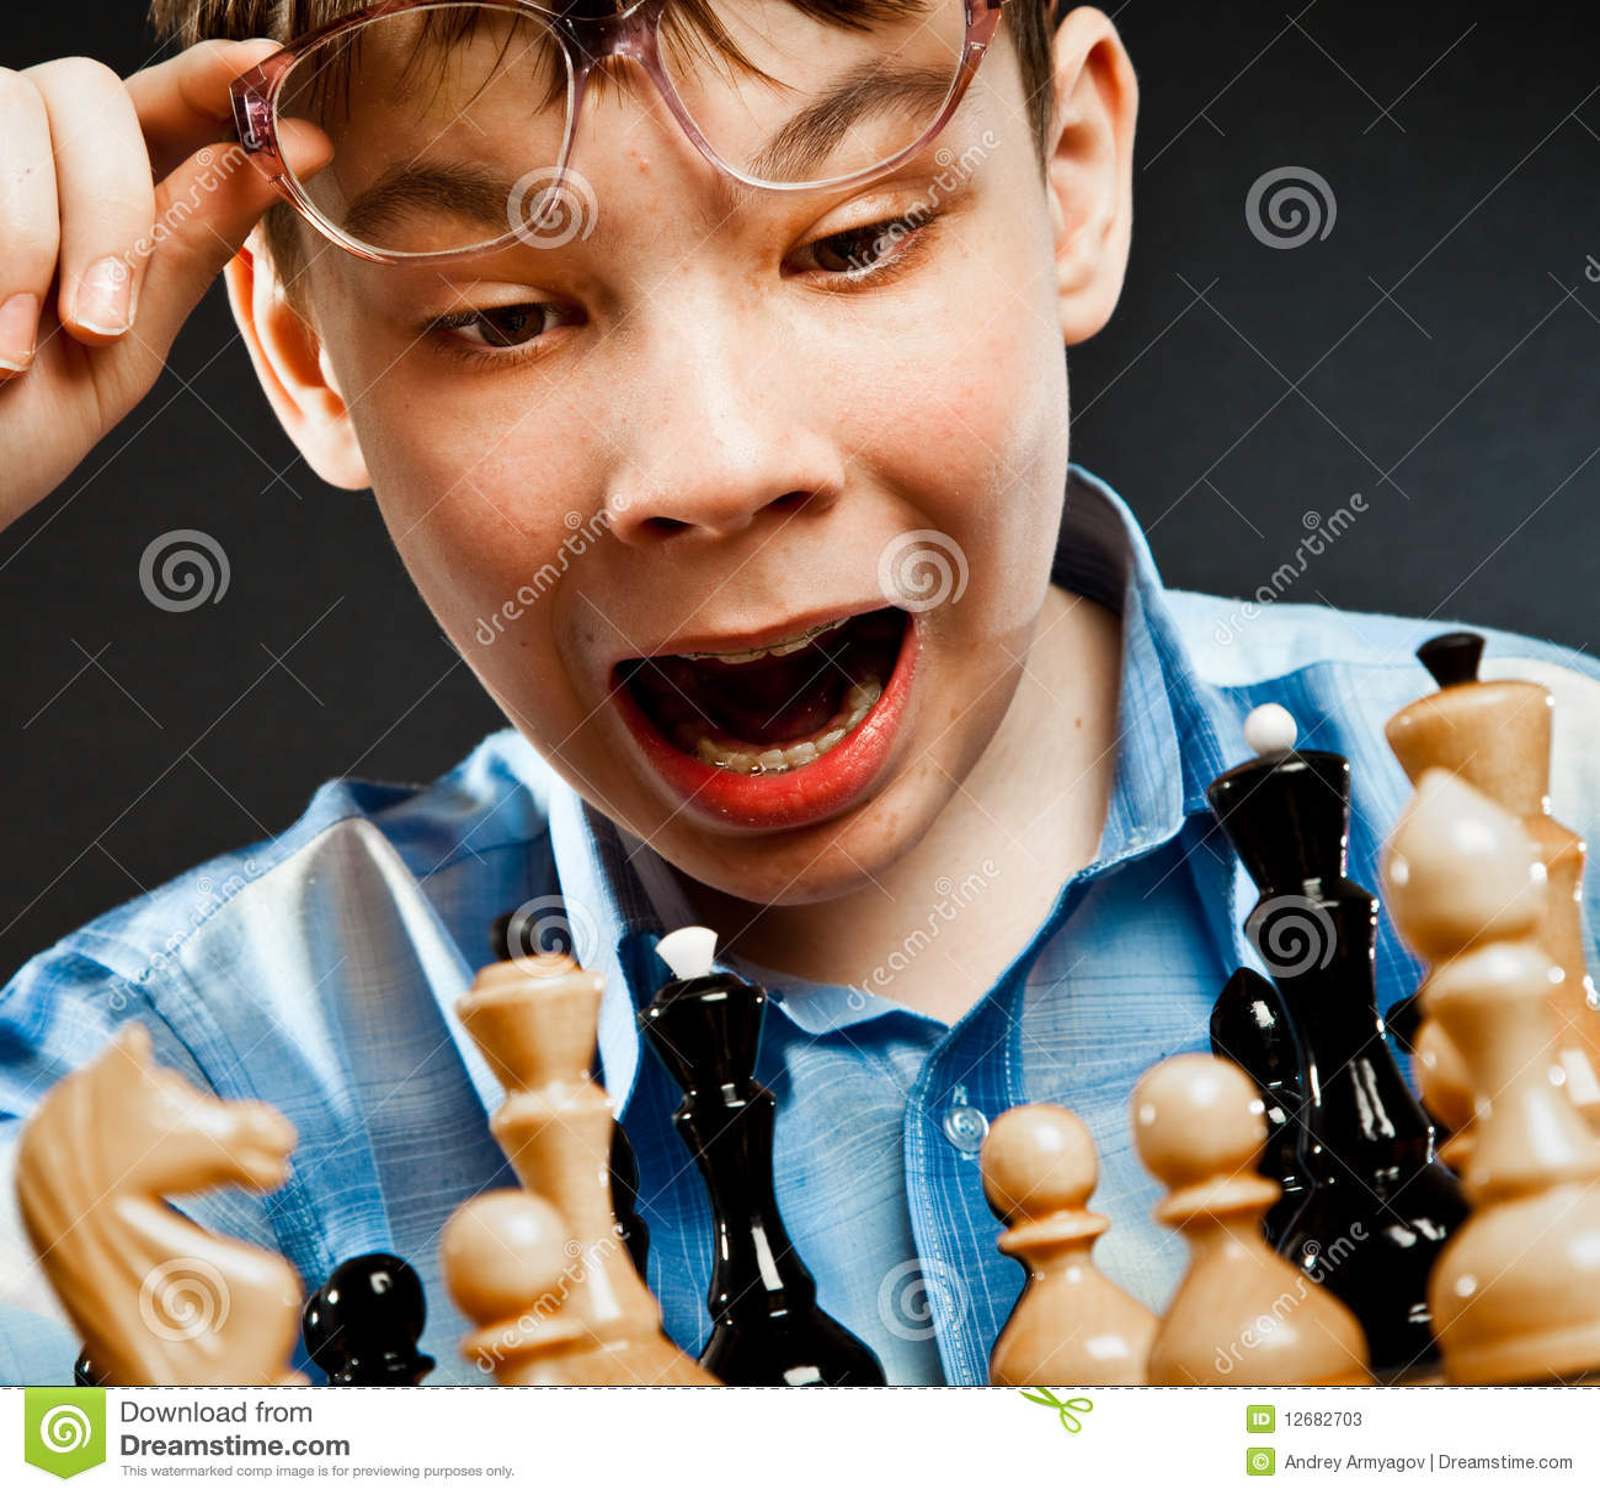 Scacchi del gioco della nullità - scacchi-del-gioco-della-nullit%25C3%25A0-12682703